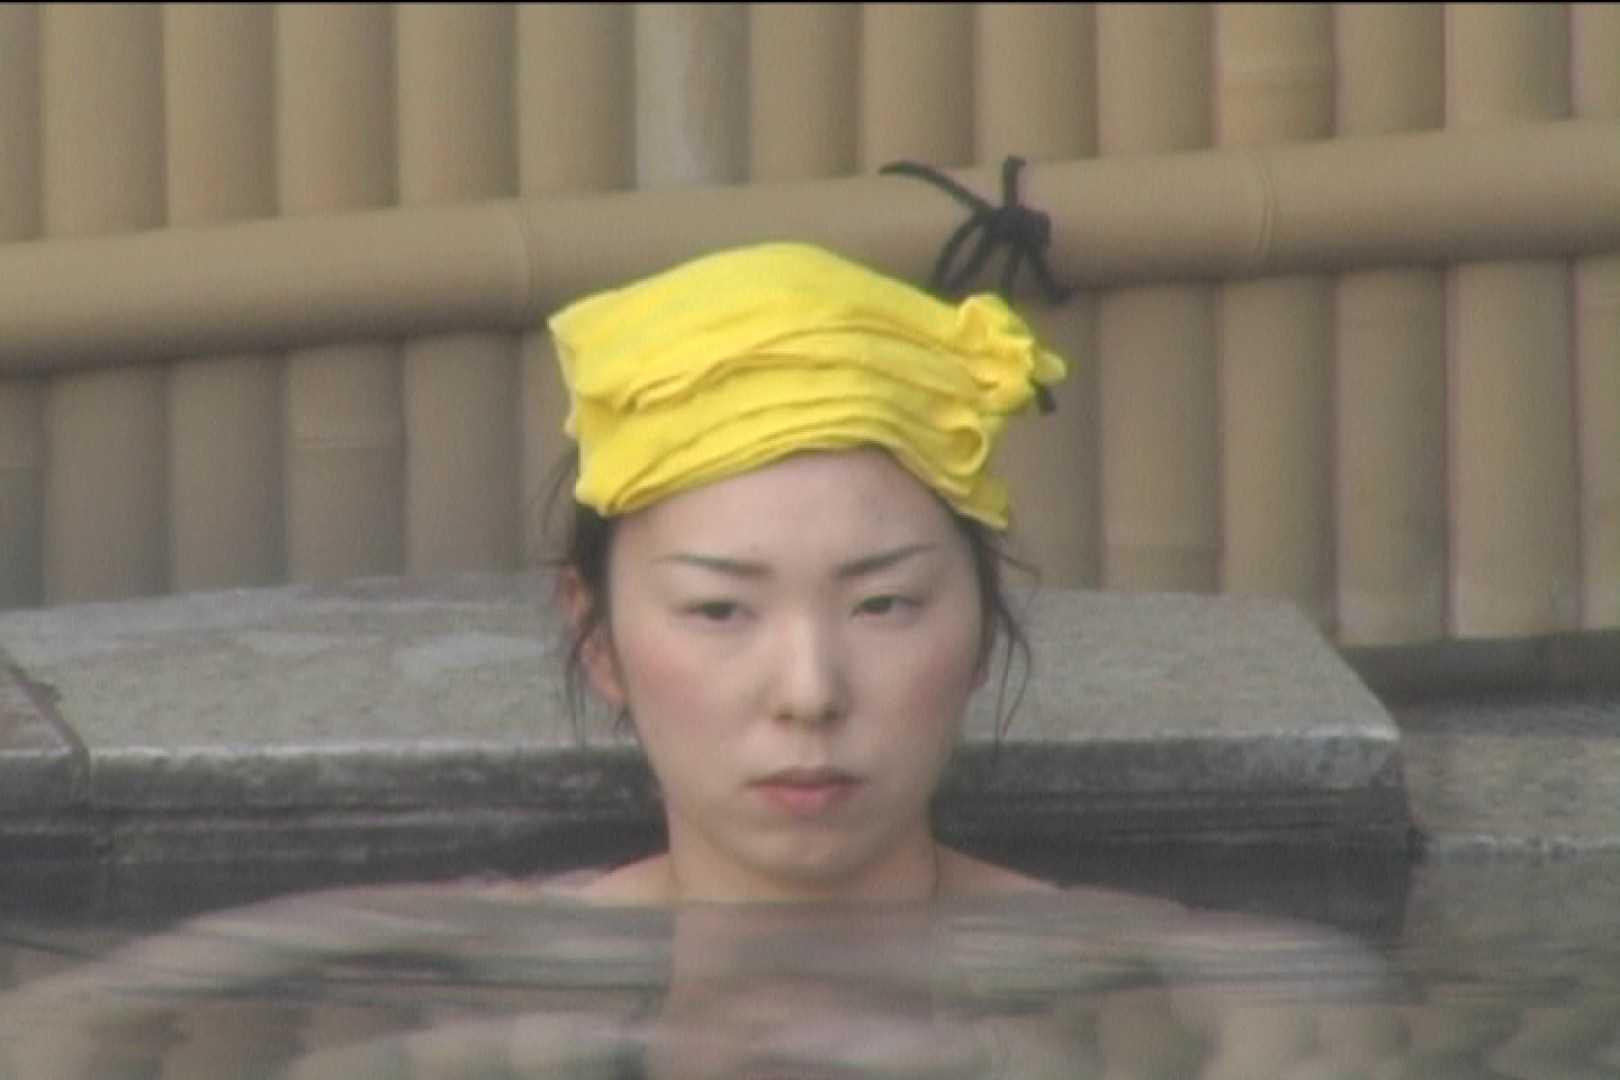 Aquaな露天風呂Vol.529 盗撮シリーズ  106PIX 60